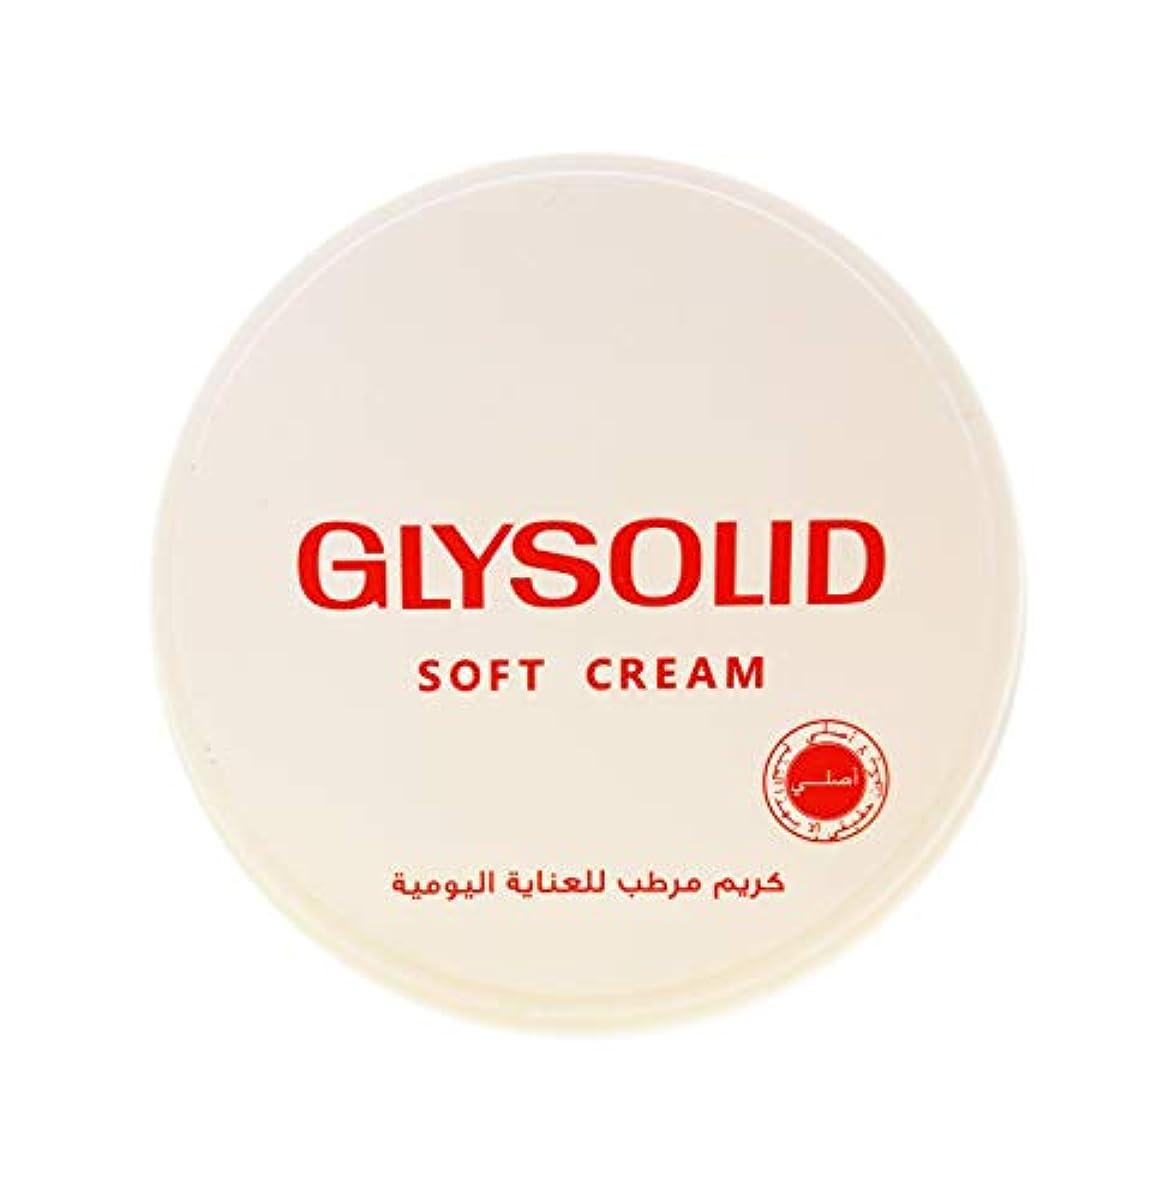 民間誘惑する弱めるGlysolid Soft Cream Moisturizers For Dry Skin Face Hands Feet Elbow Body Softening With Glycerin Keeping Your...